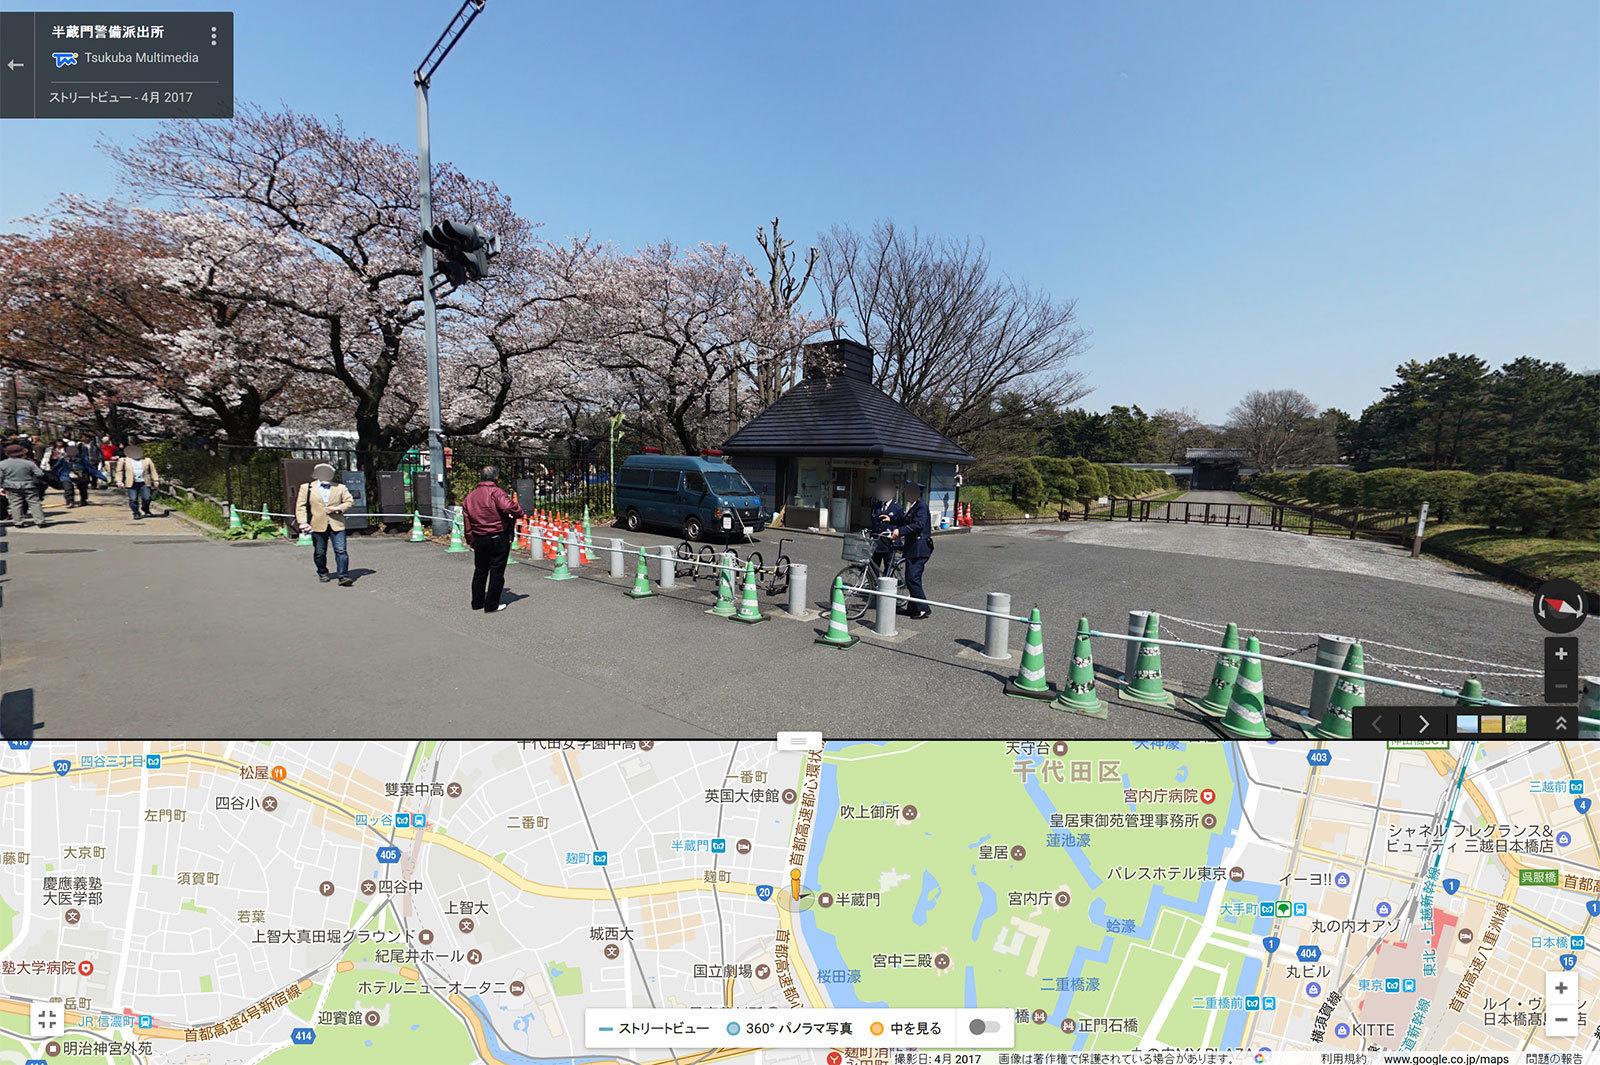 皇居半蔵門のGoogleストリートビュー写真